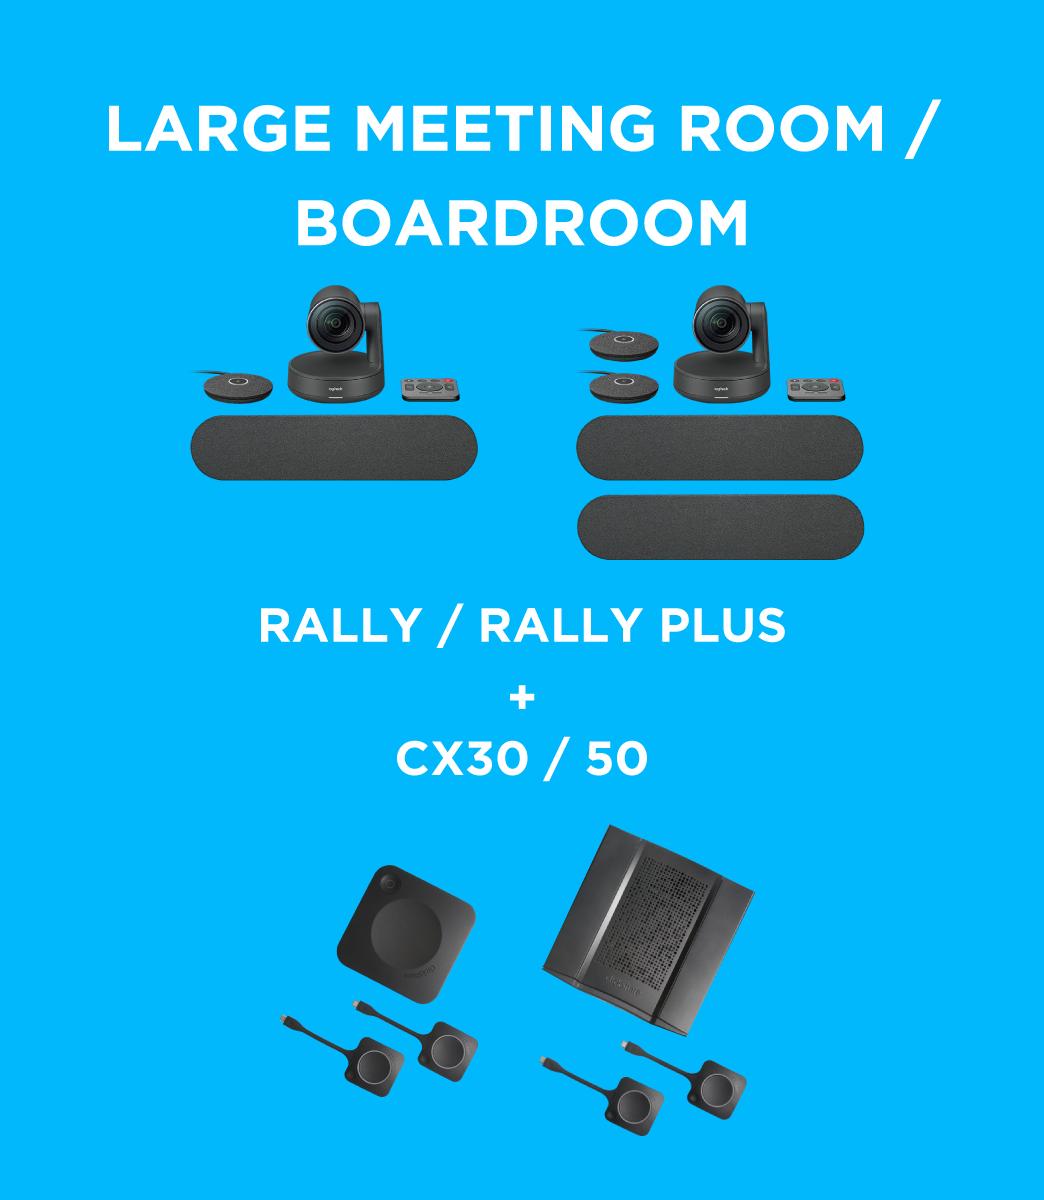 Large Meeting Room / Boardroom